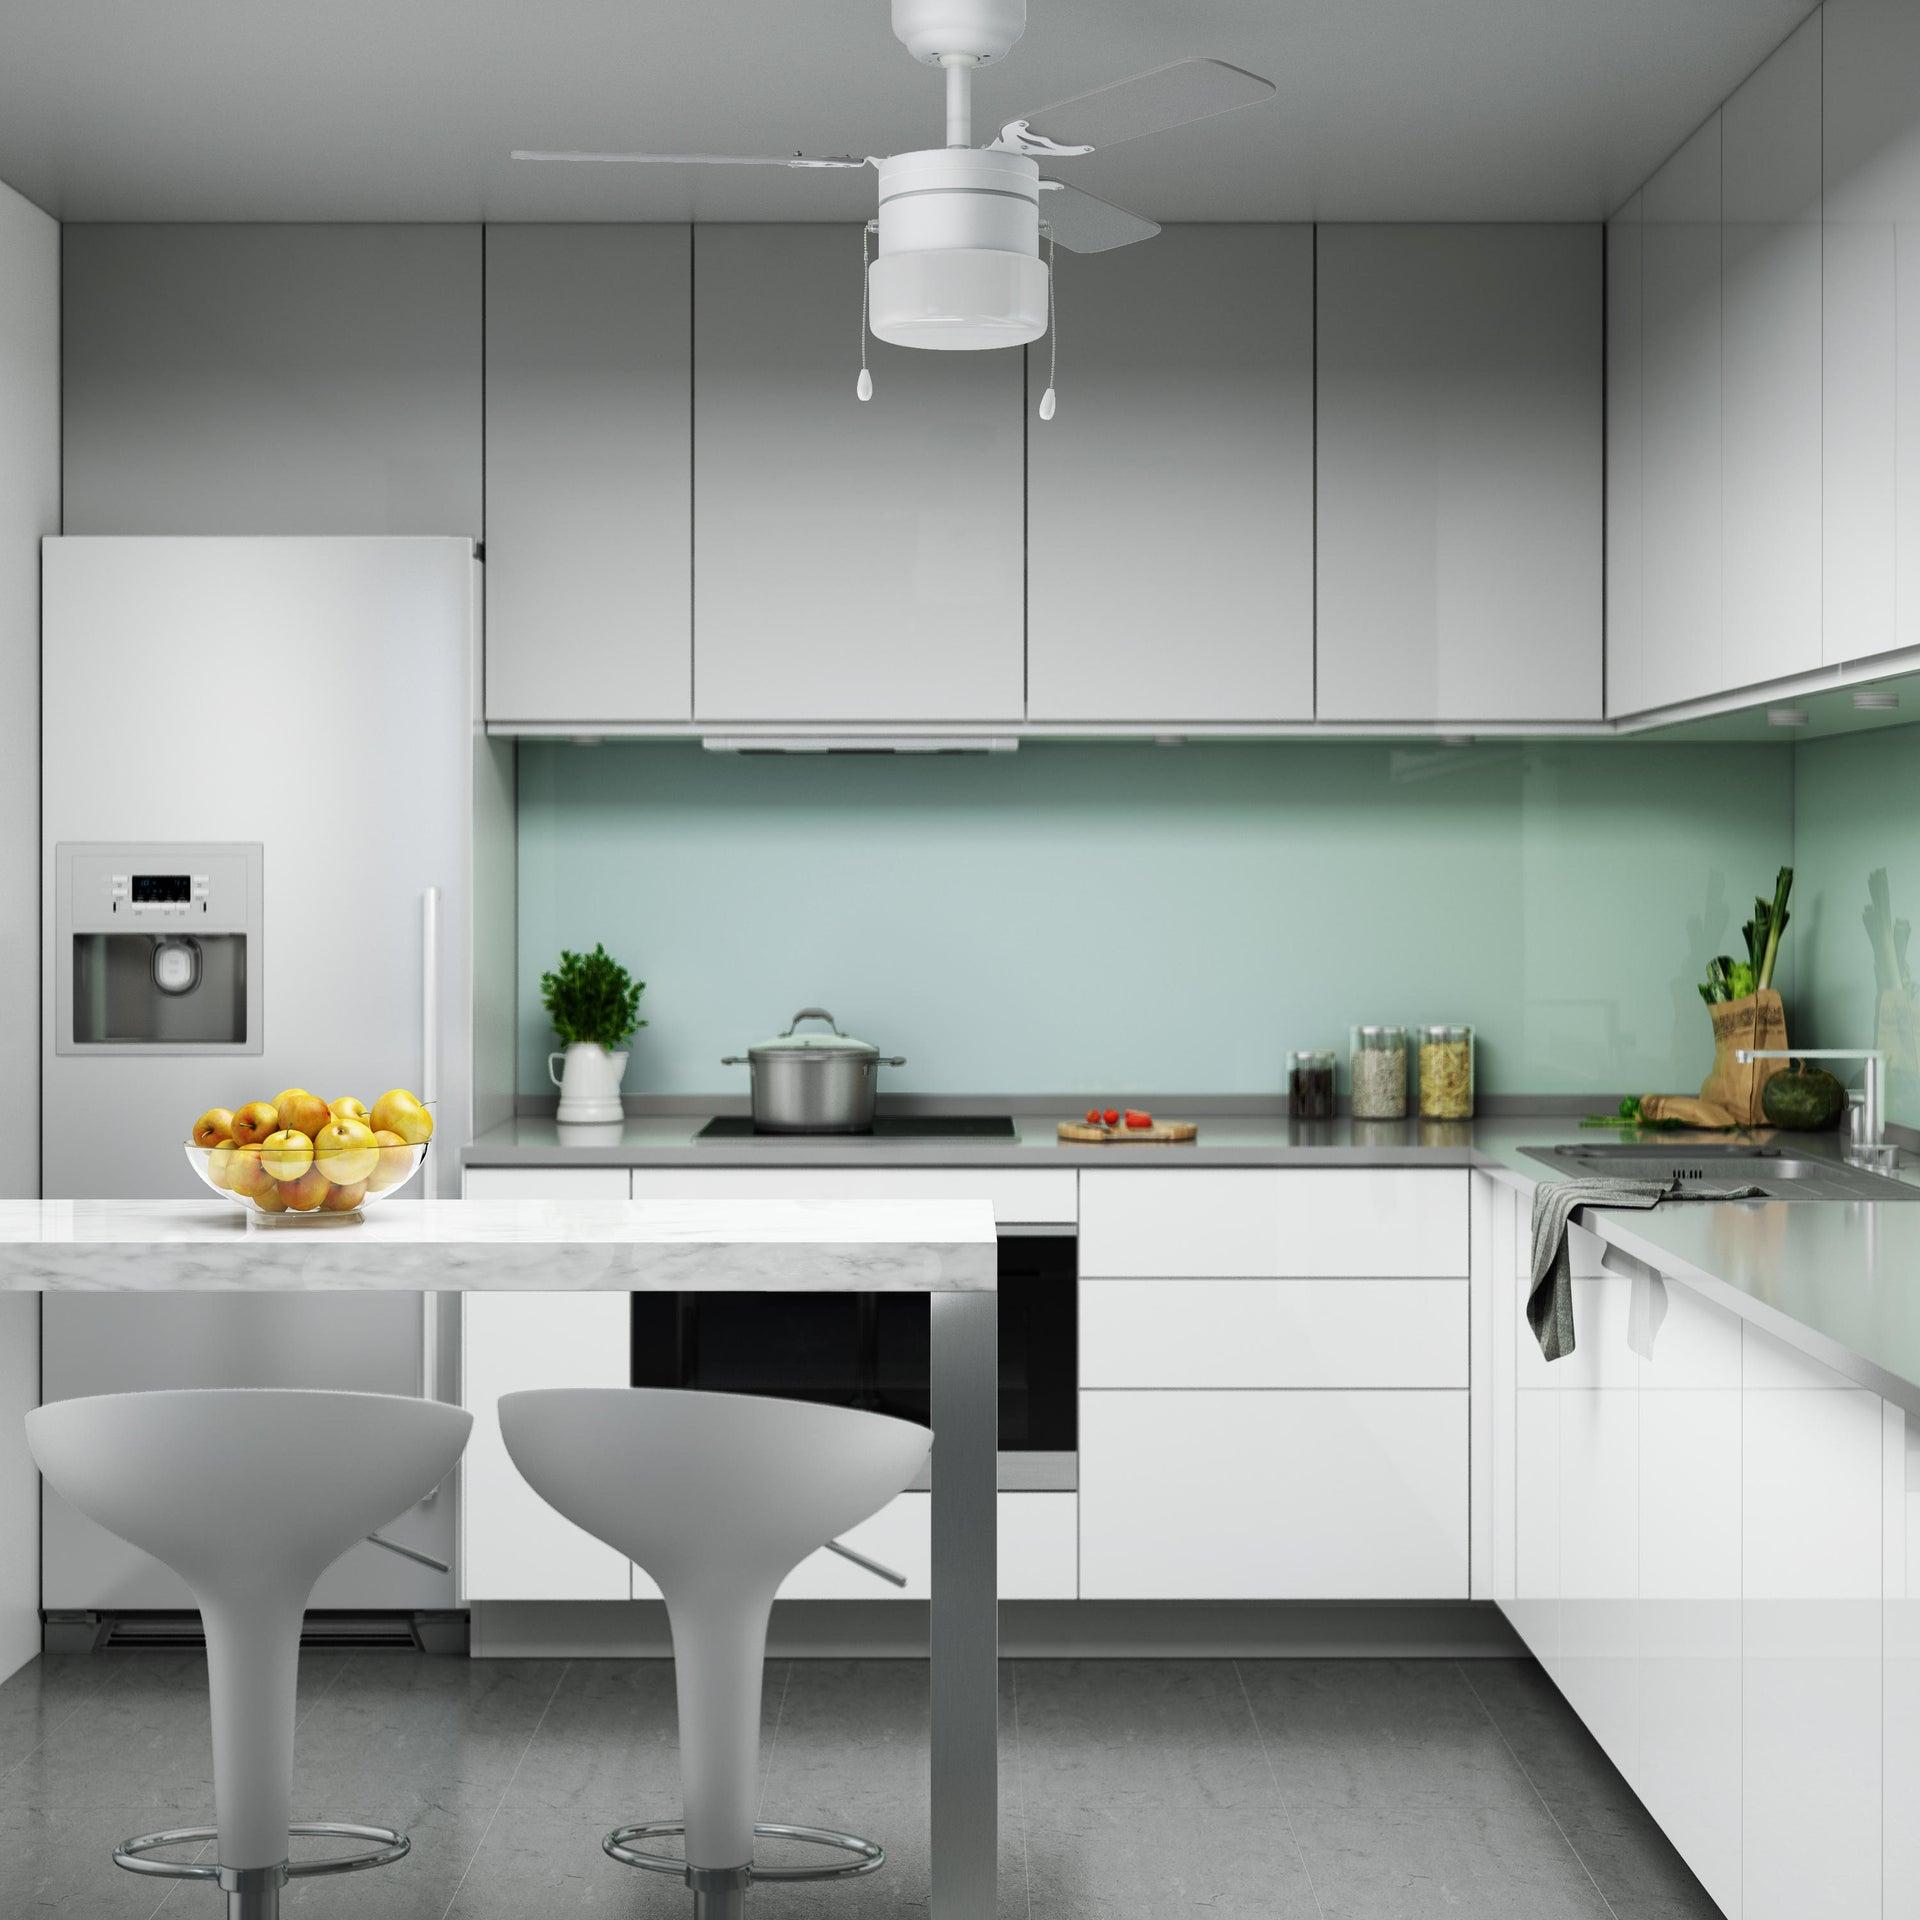 Ventilatore da soffitto Ana, grigio argento/bianco, D. 91 cm INSPIRE - 1